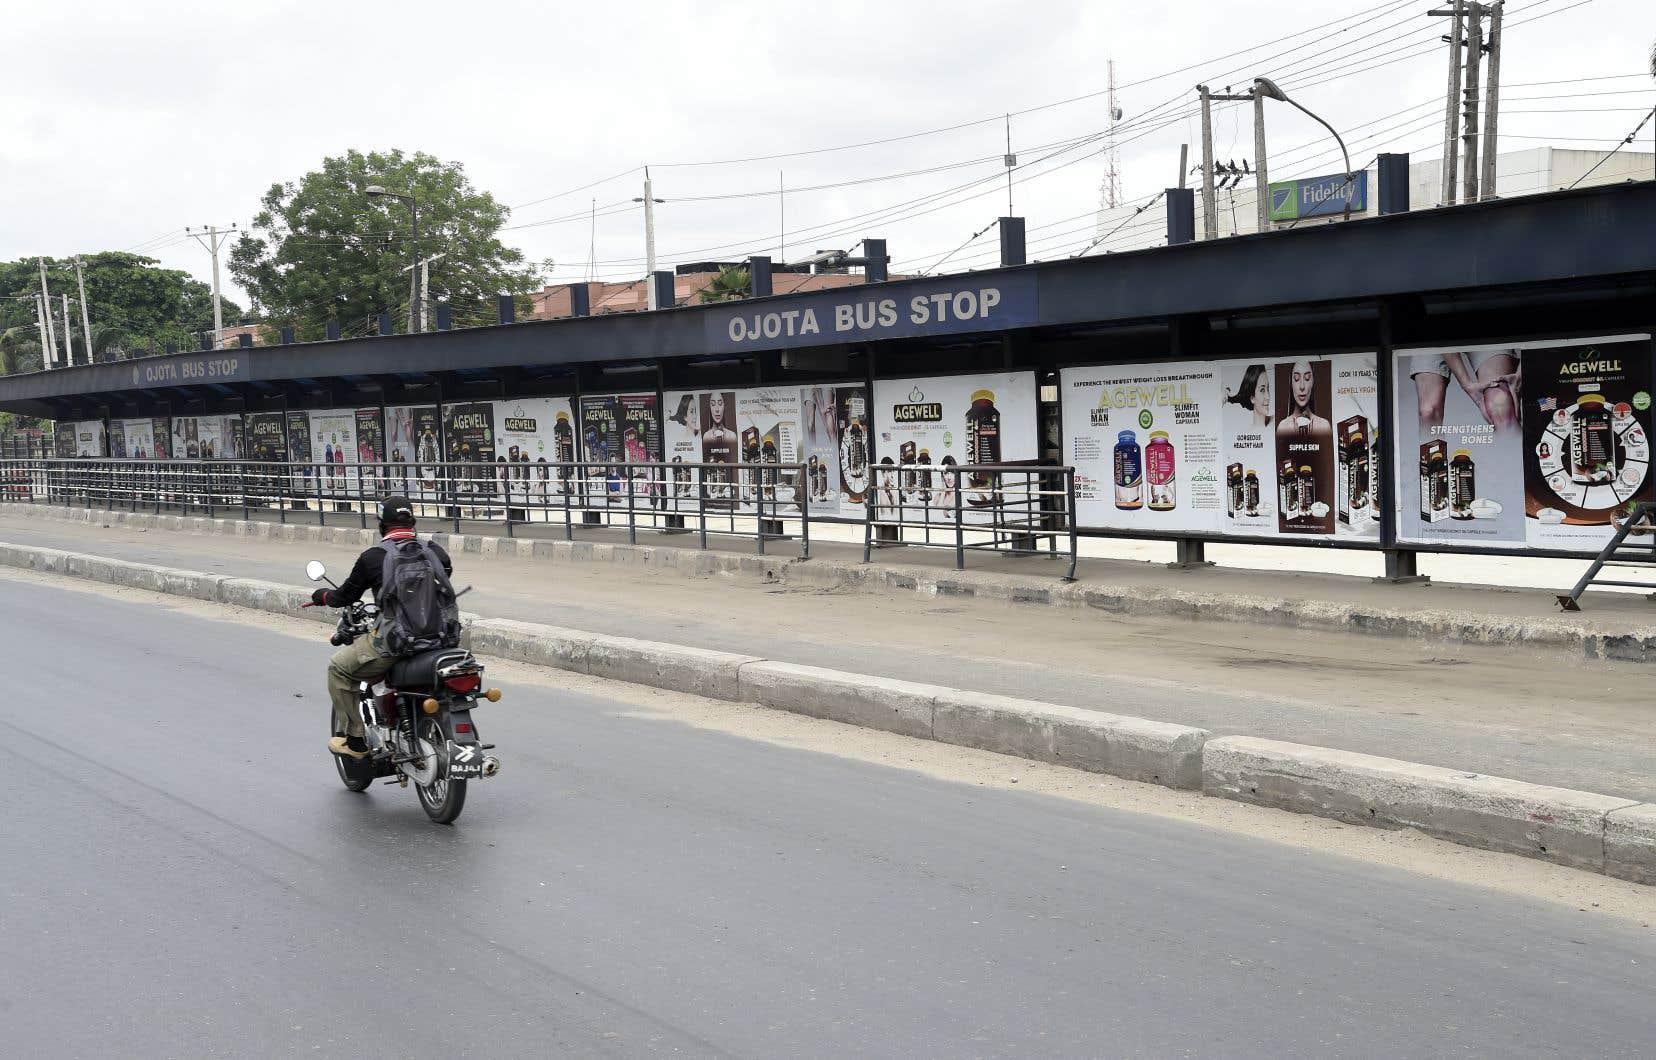 Dans les quartiers visités par l'AFP, tous les magasins étaient fermés, les marchés abandonnés et les rues quasiment désertes.